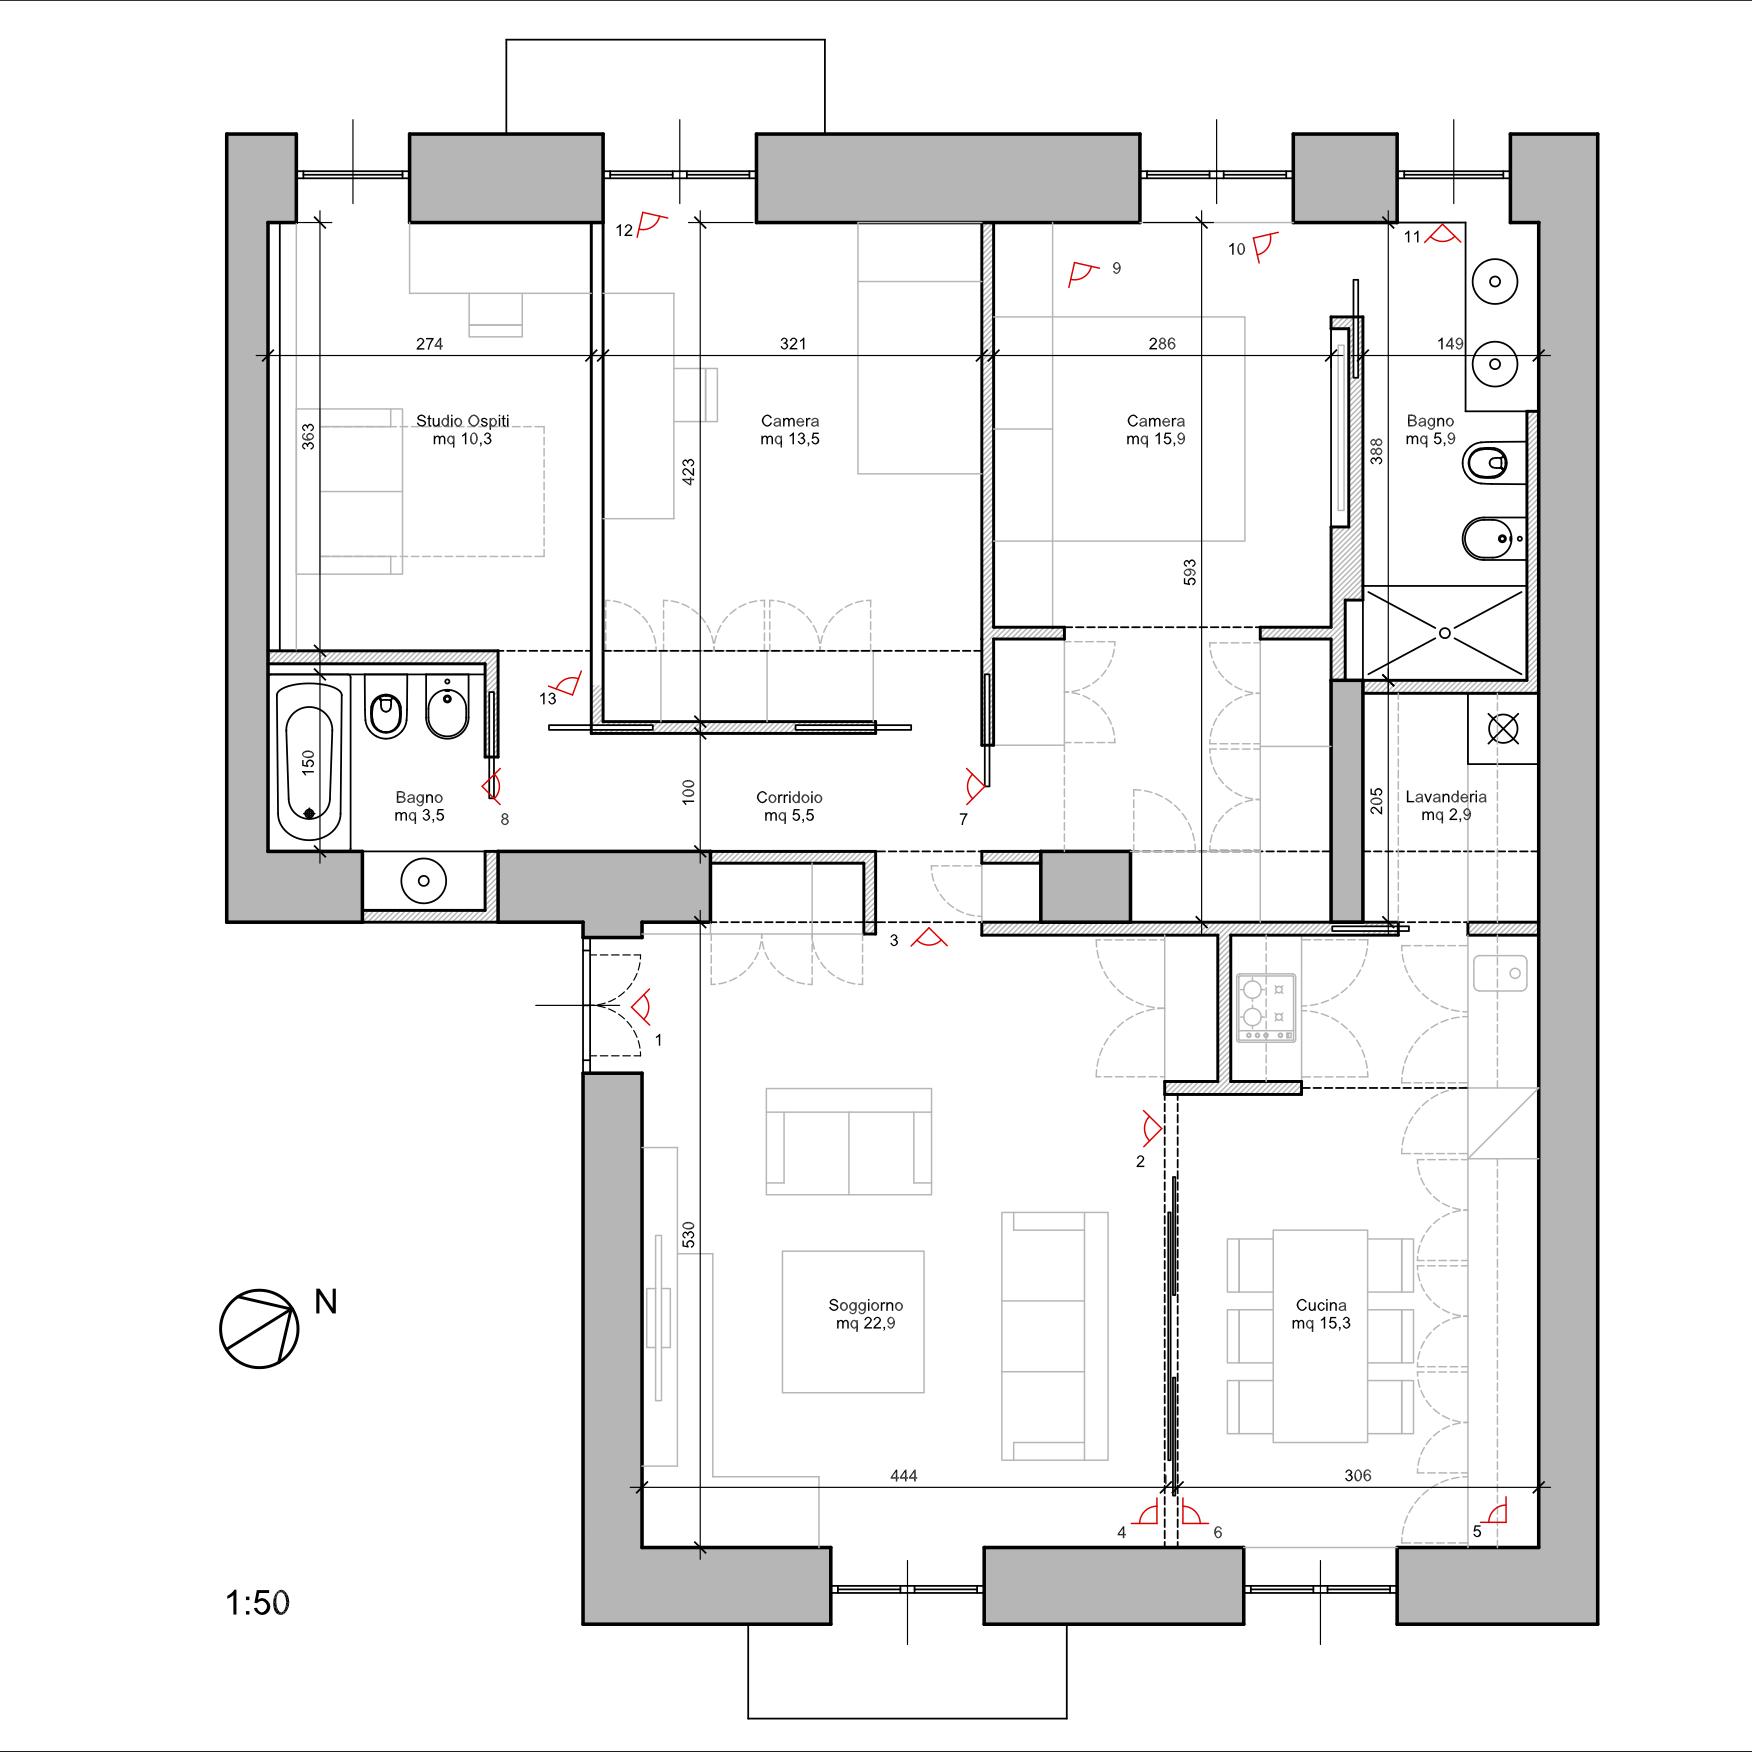 15 idee per ristrutturare un appartamento da cima a fondo for Foto di appartamenti ristrutturati